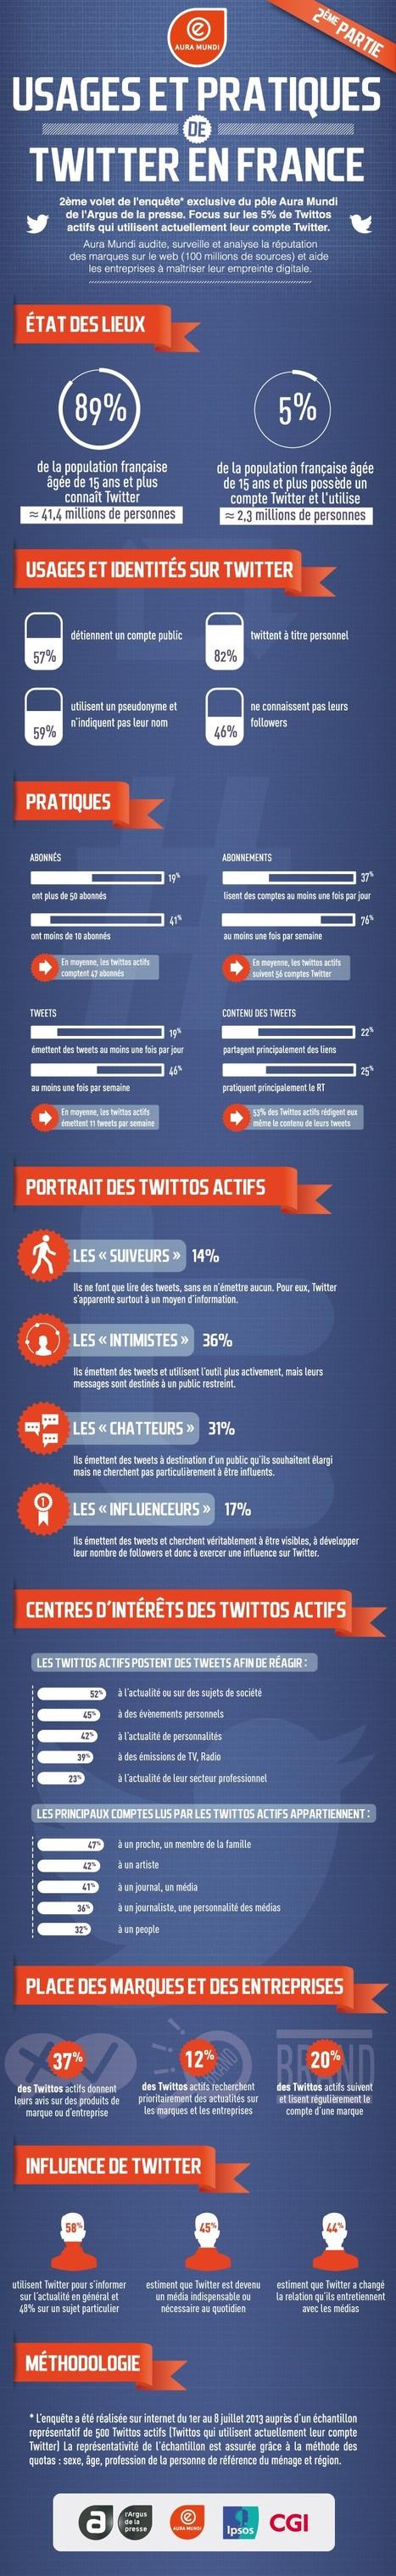 Qui sont les twittos français et que font-ils exactement ? | Think Digital - Tendances et usages des médias sociaux | Scoop.it